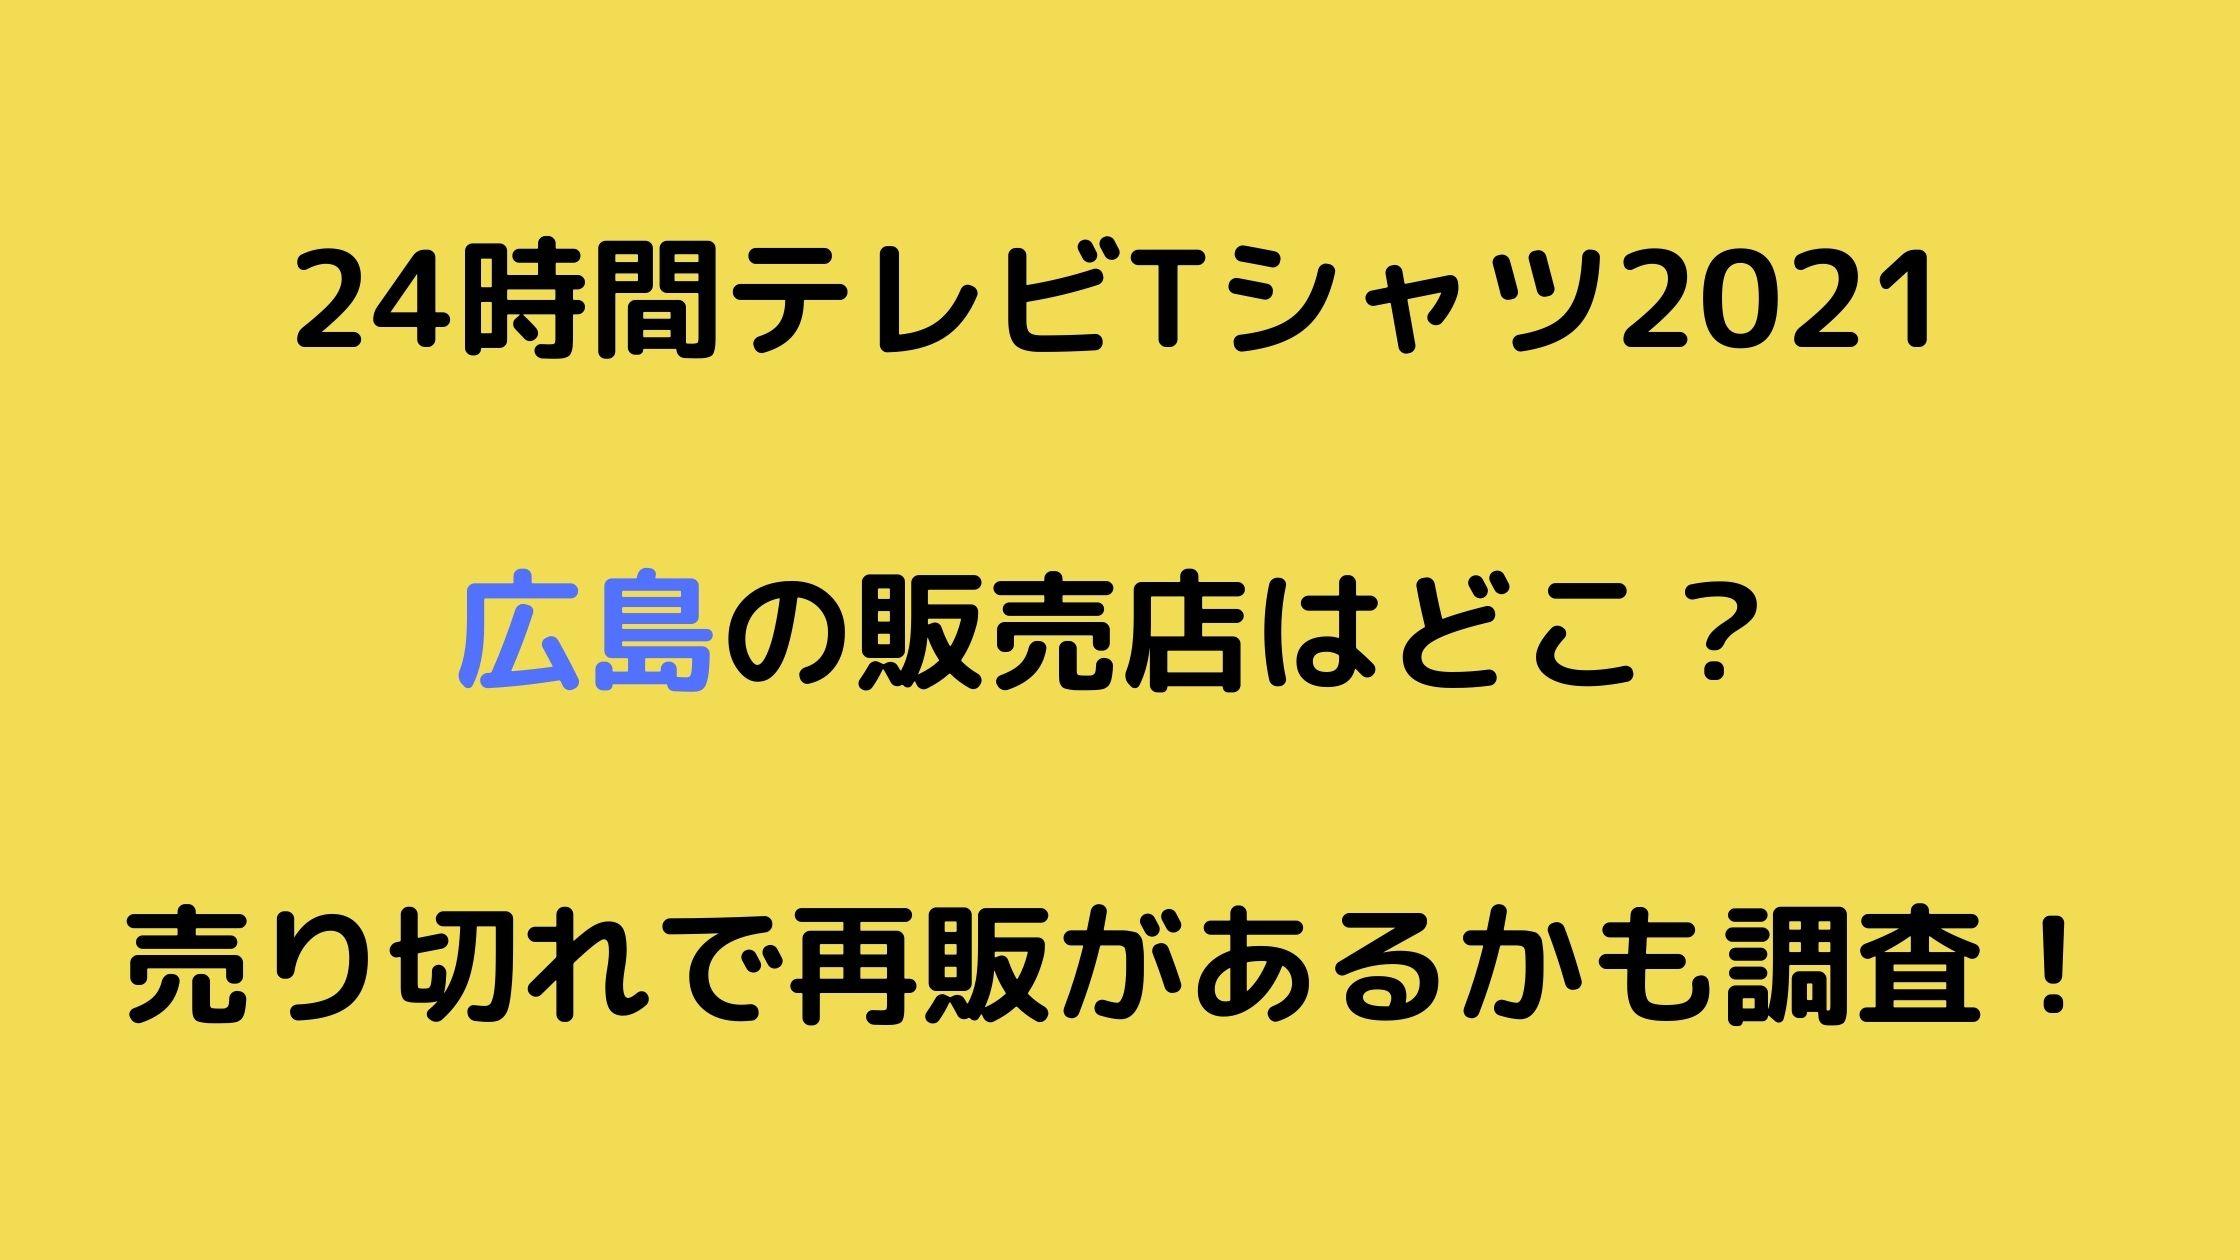 24時間テレビTシャツ2021広島の販売店はどこ?売り切れで再販はあるかも調査!